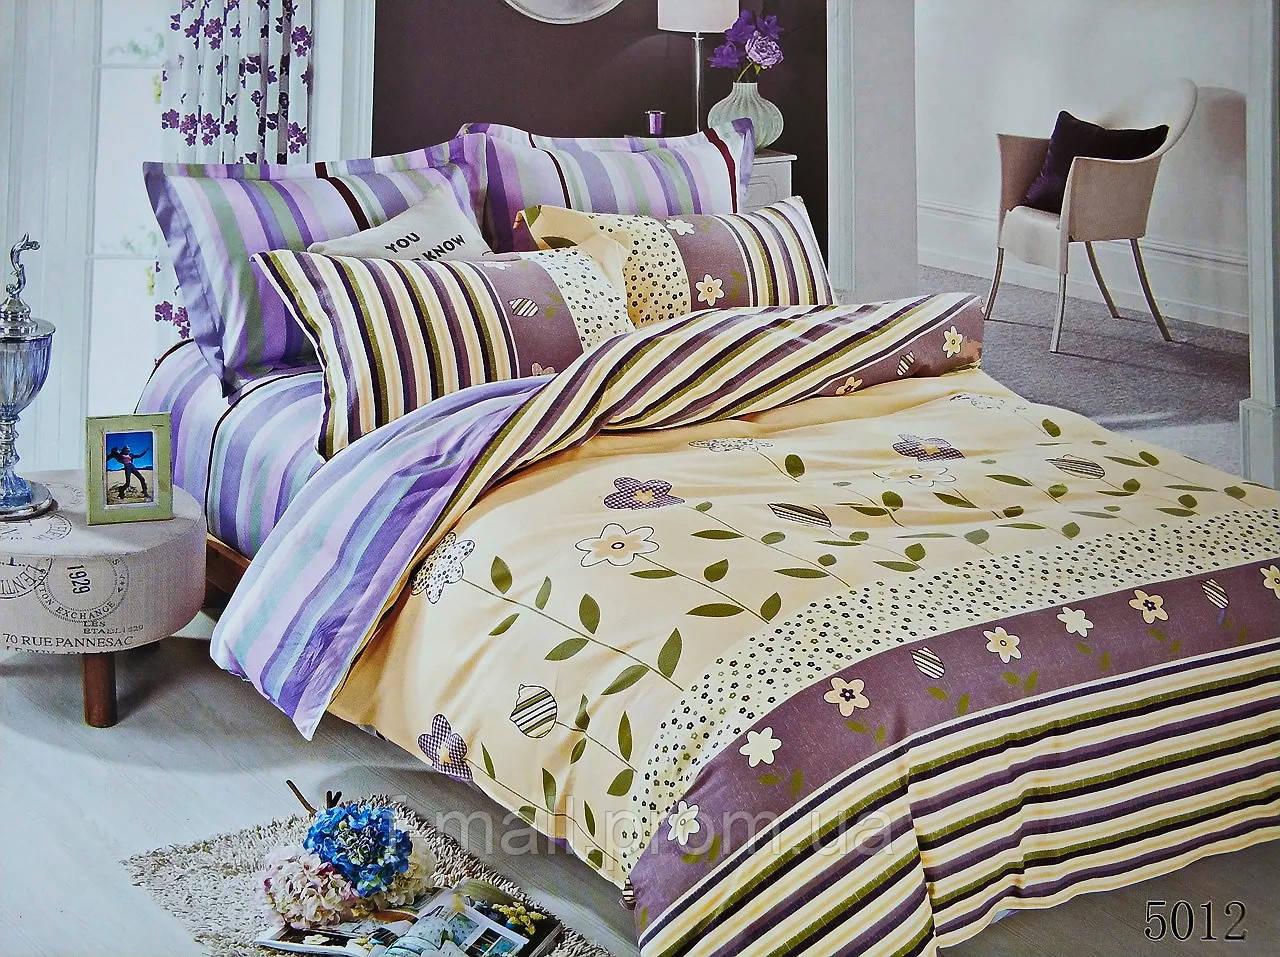 Комплект постельного белья ELWAY (Польша) Сатин евро (5012)